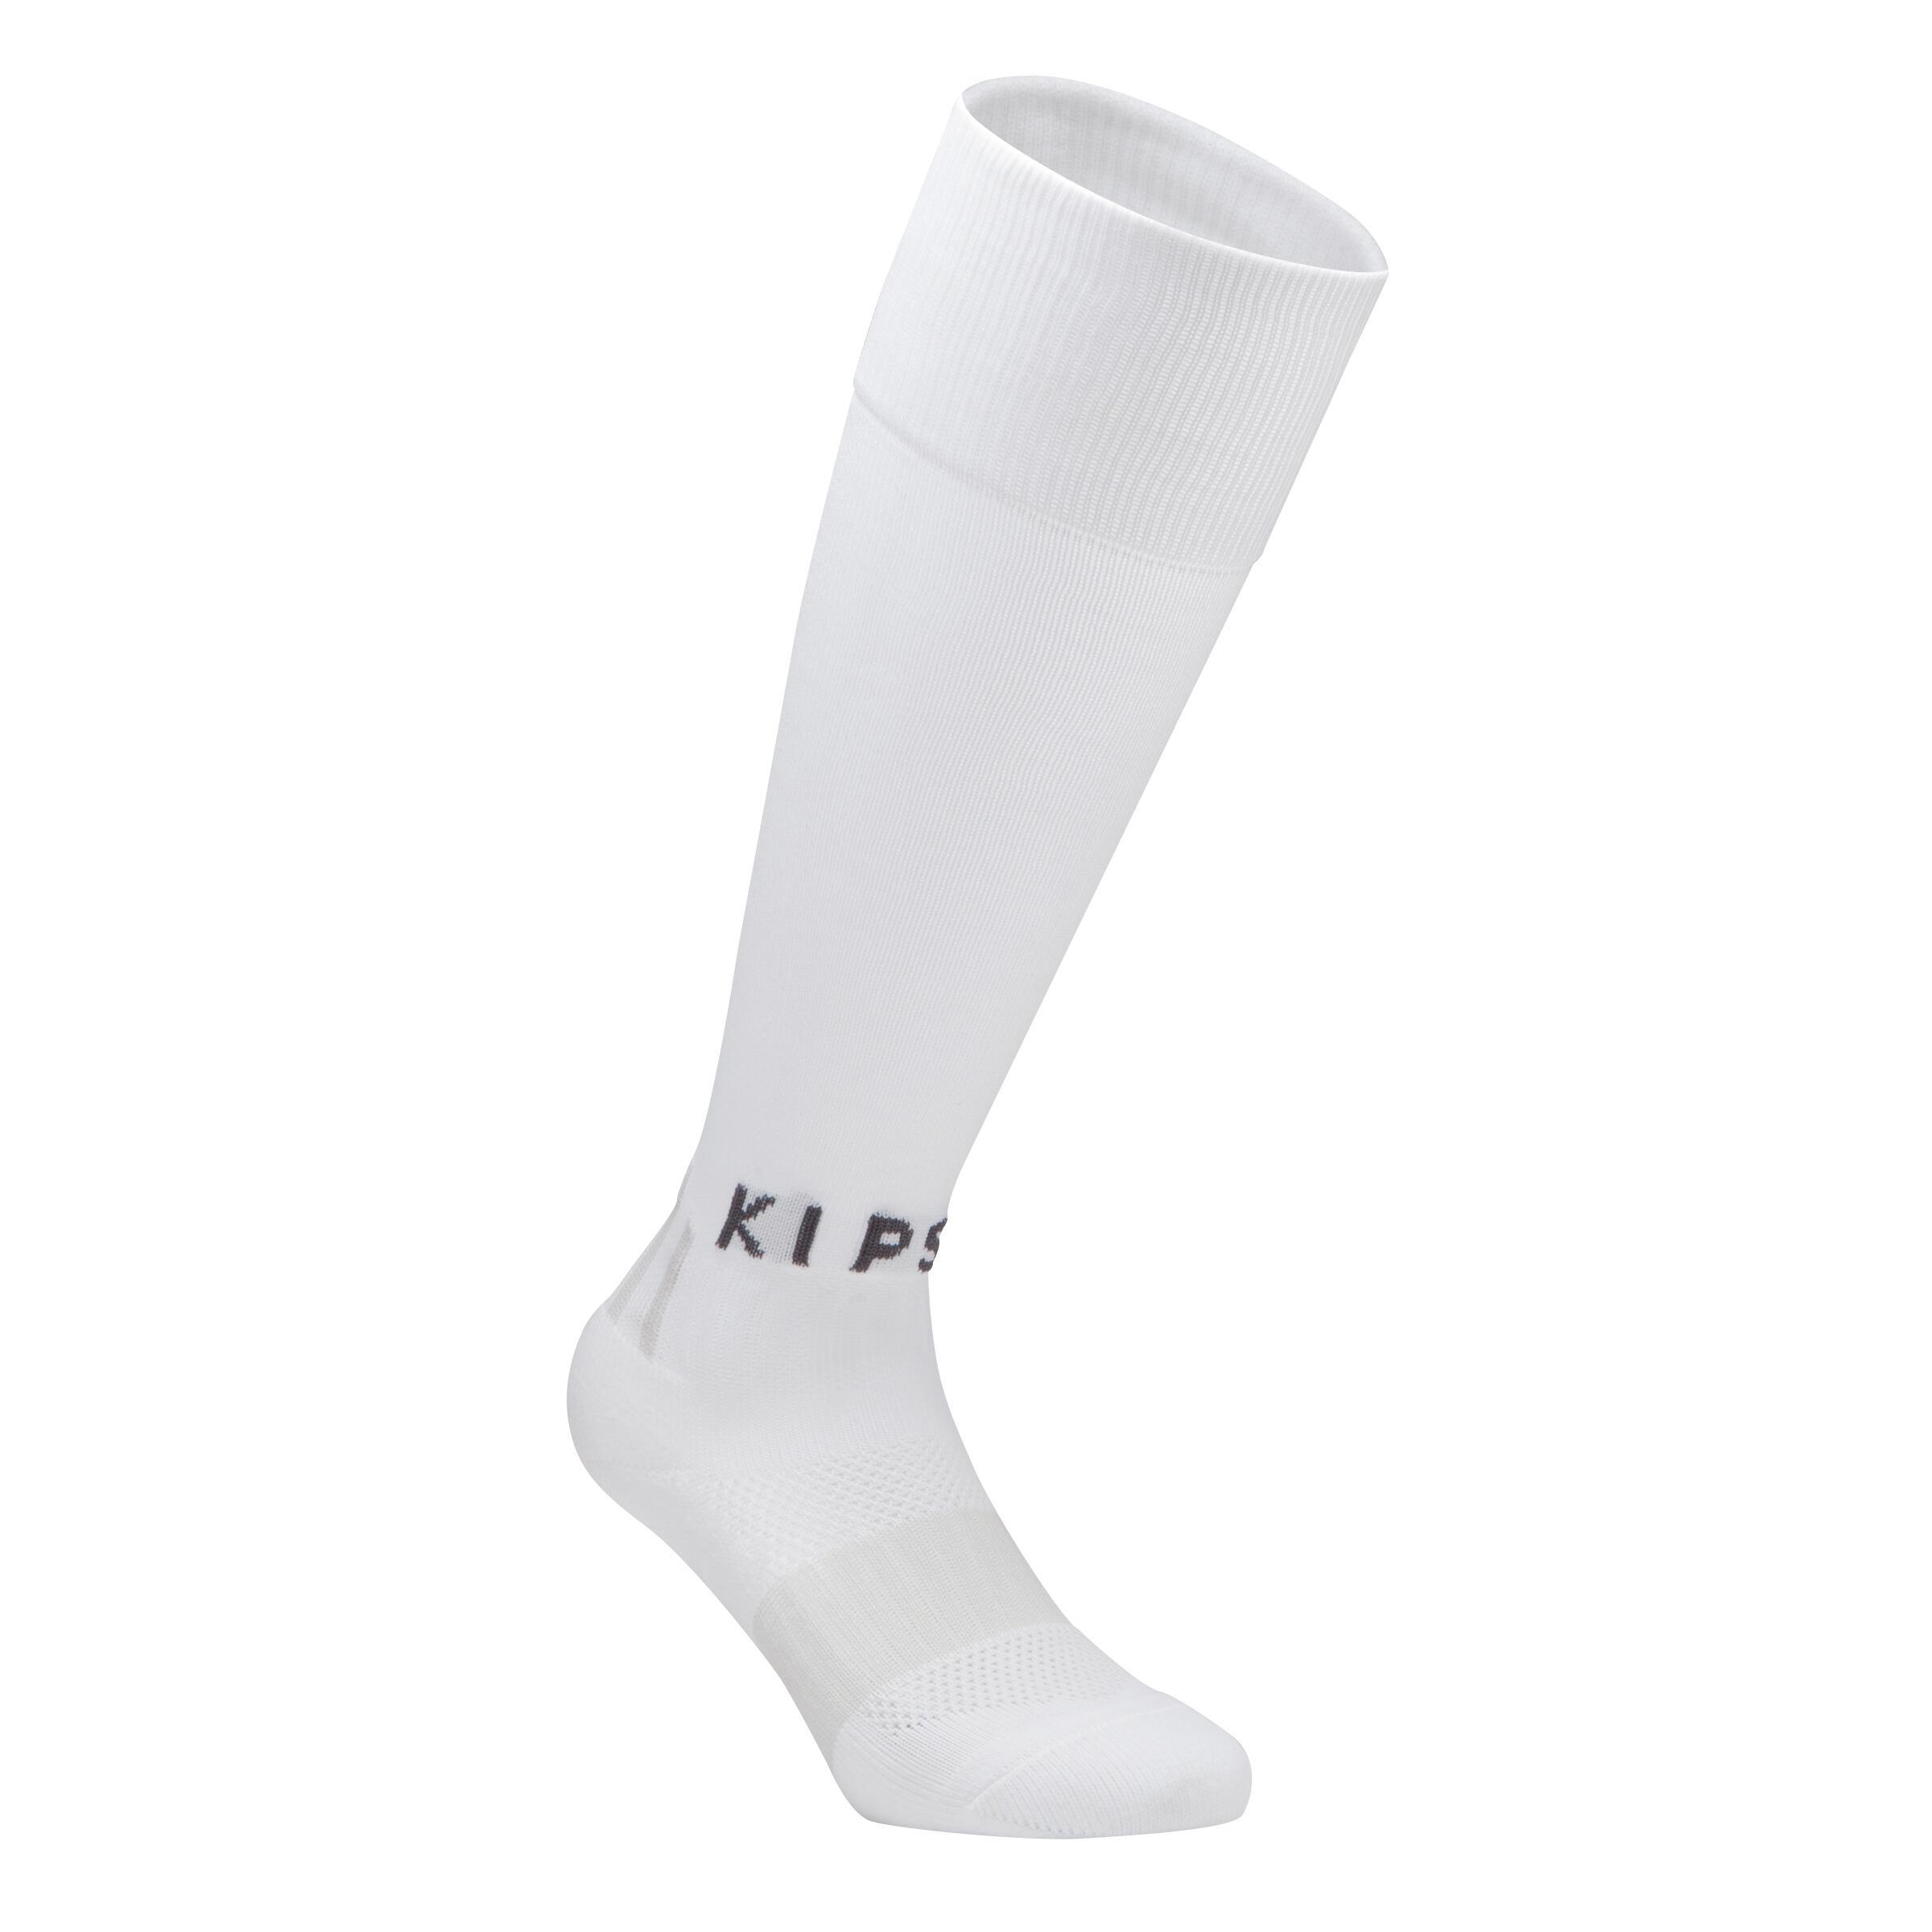 F500 Children's Knee-High Football Socks - White